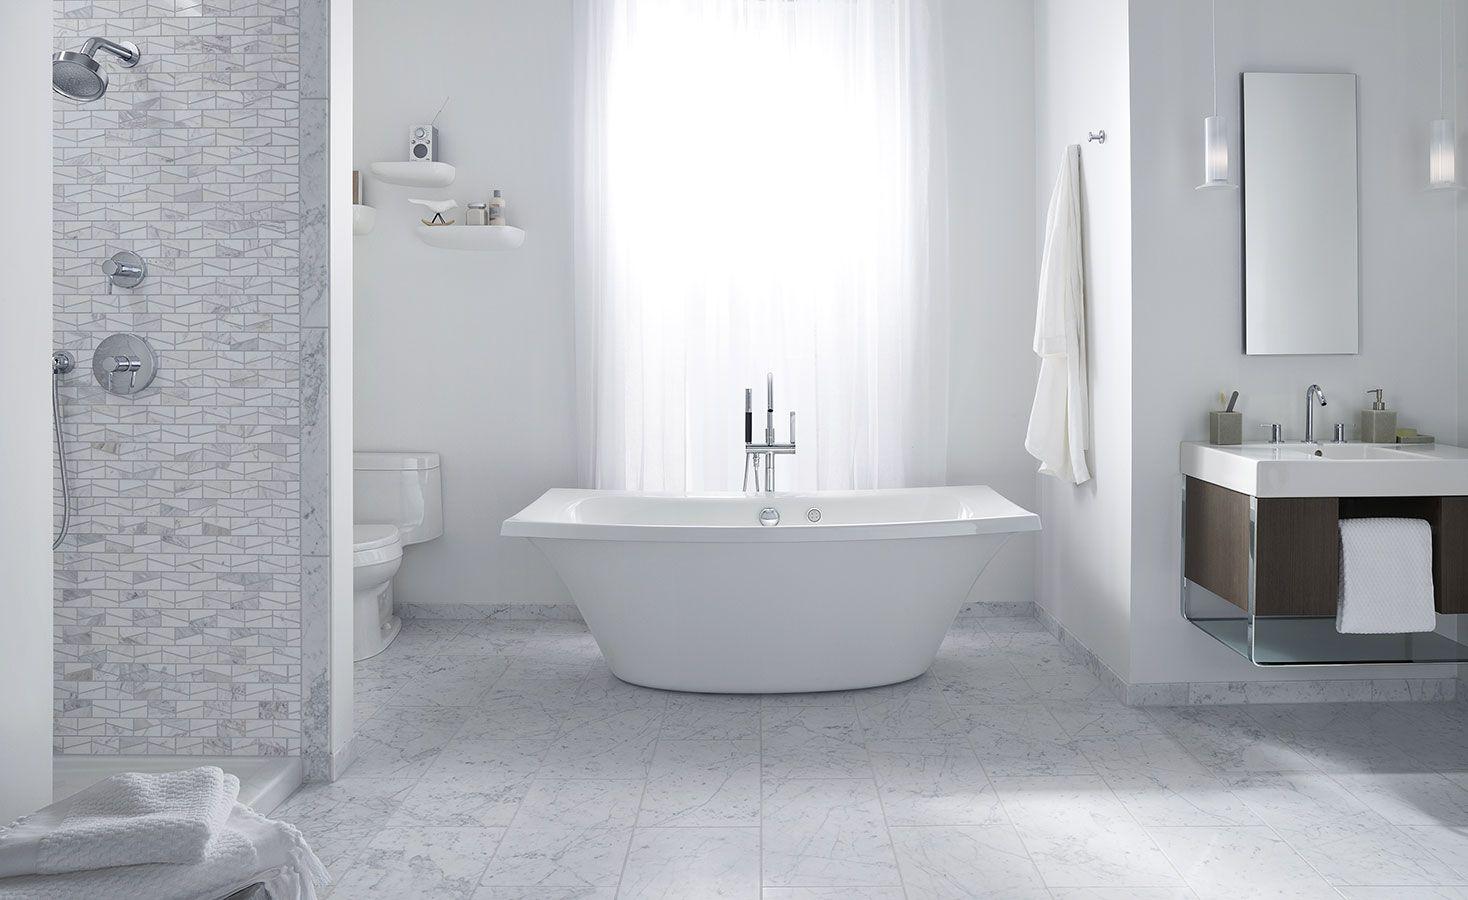 Kohler Featured Gallery Kitchen Bath Showroom Accessories Dartmouth Ma Middletown Ri Kitchen And Bath Showroom Bathrooms Remodel Bath Showroom